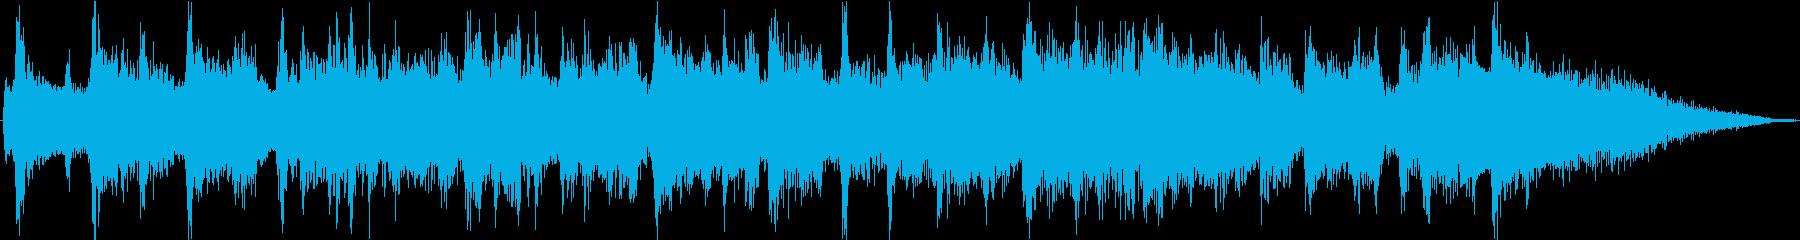 約15秒のおしゃれアコースティック生演奏の再生済みの波形